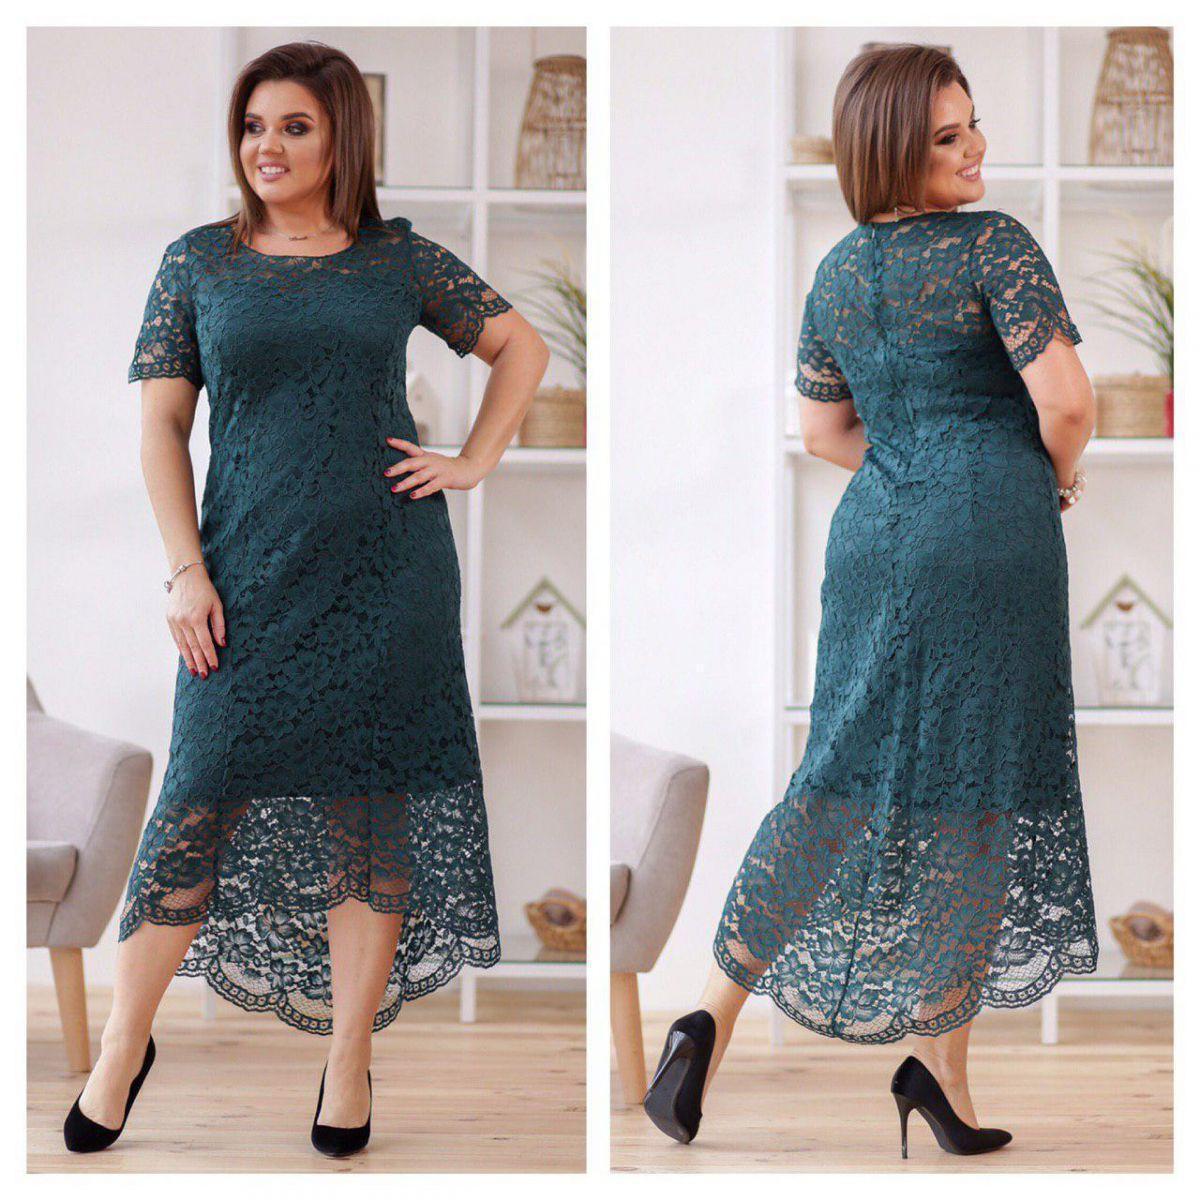 a666843cec4 Нарядное зеленое гипюровое платье 50